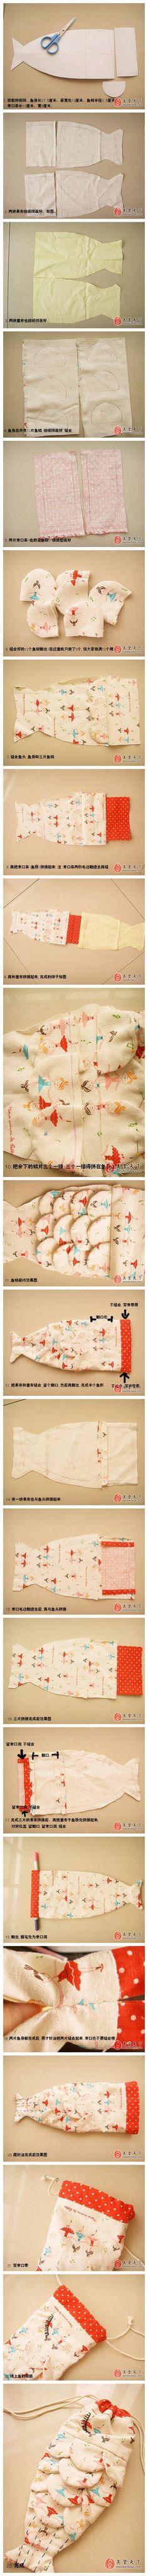 详细得不能再详细了的鱼摆摆束口袋教程,新年的时候可以批量生产送朋友。